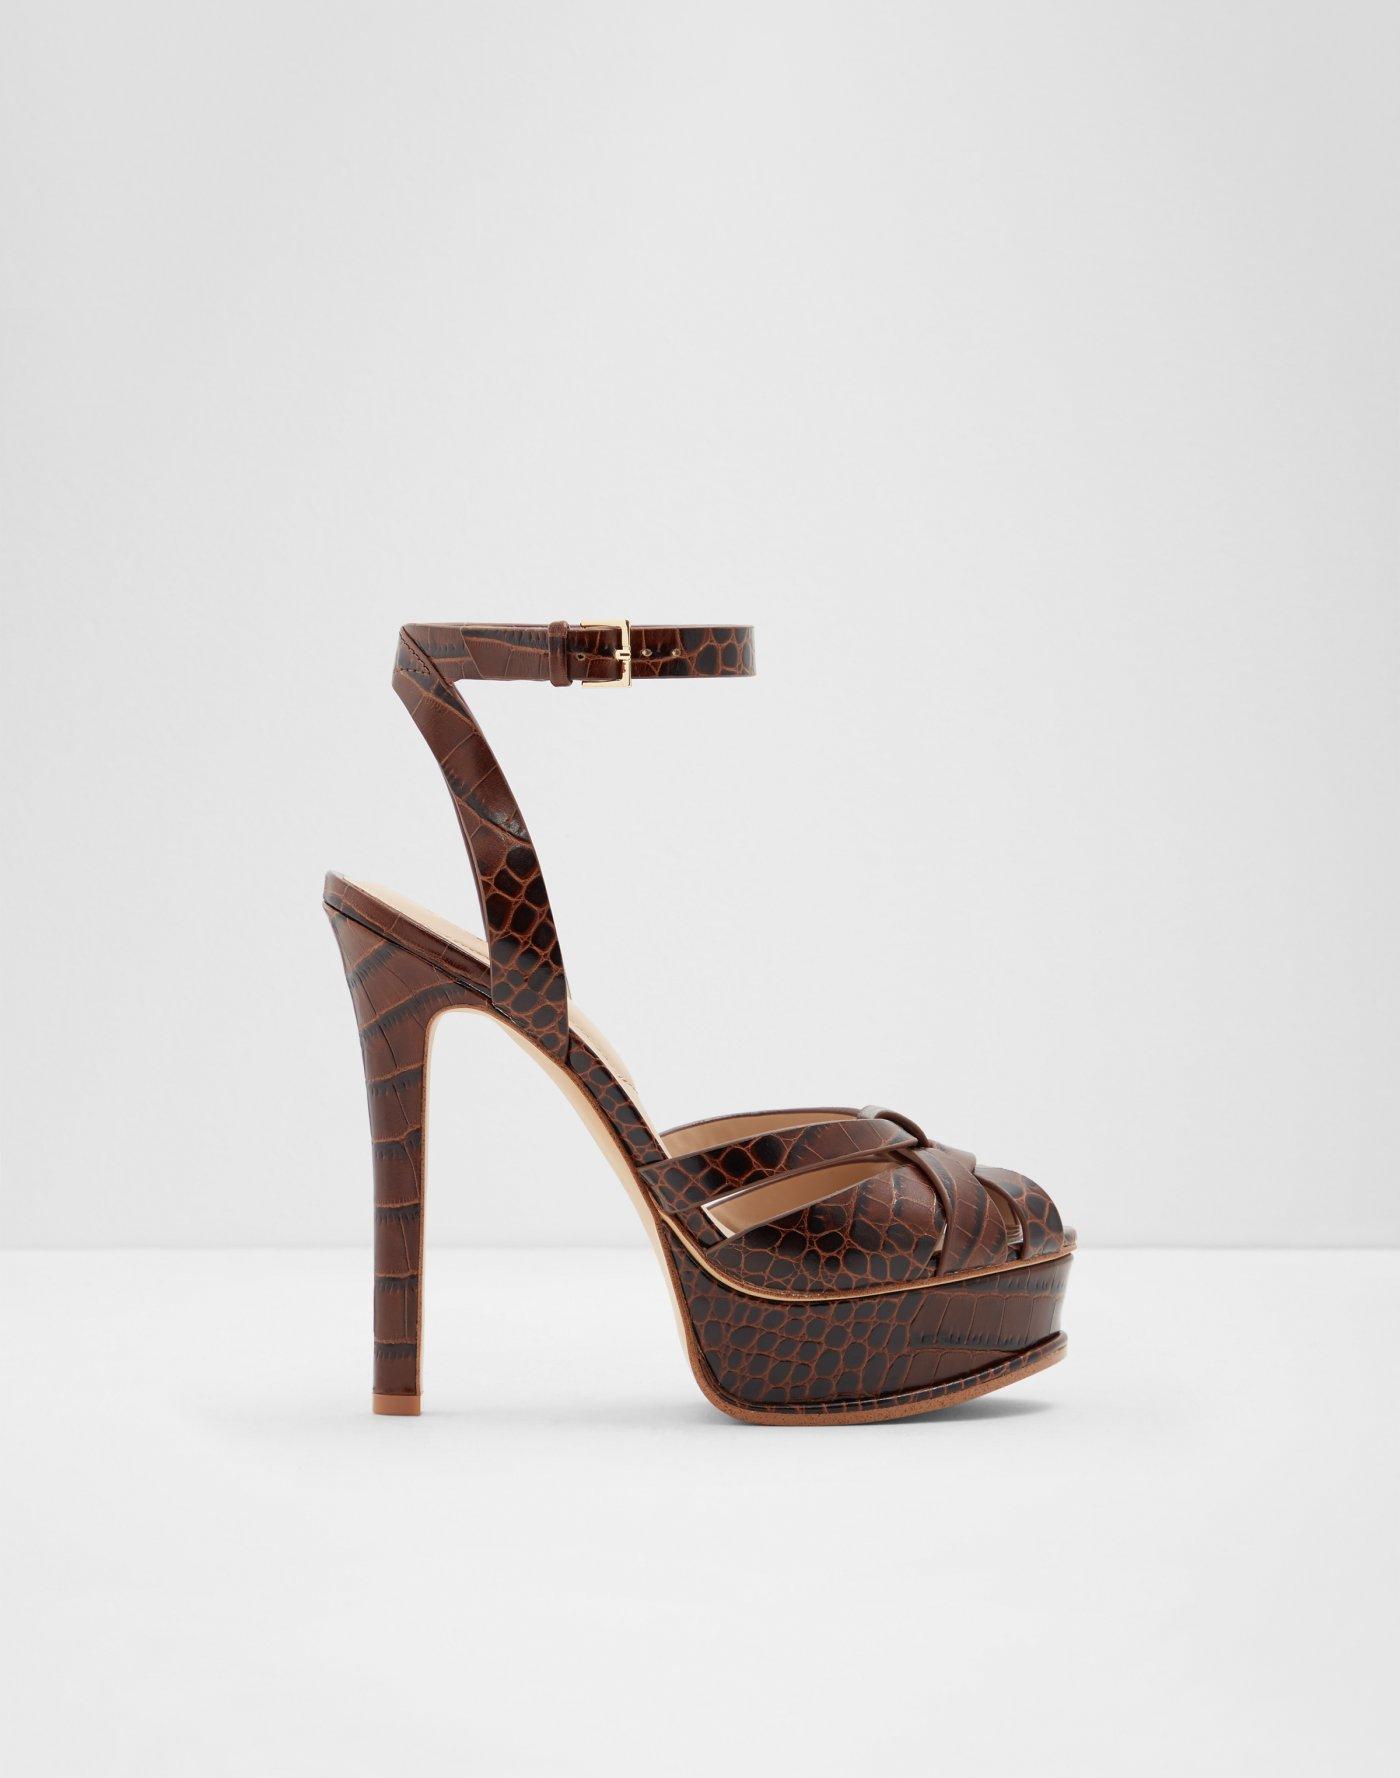 4c5f9c30c6 Sandals for Women | ALDO US | Aldoshoes.com US